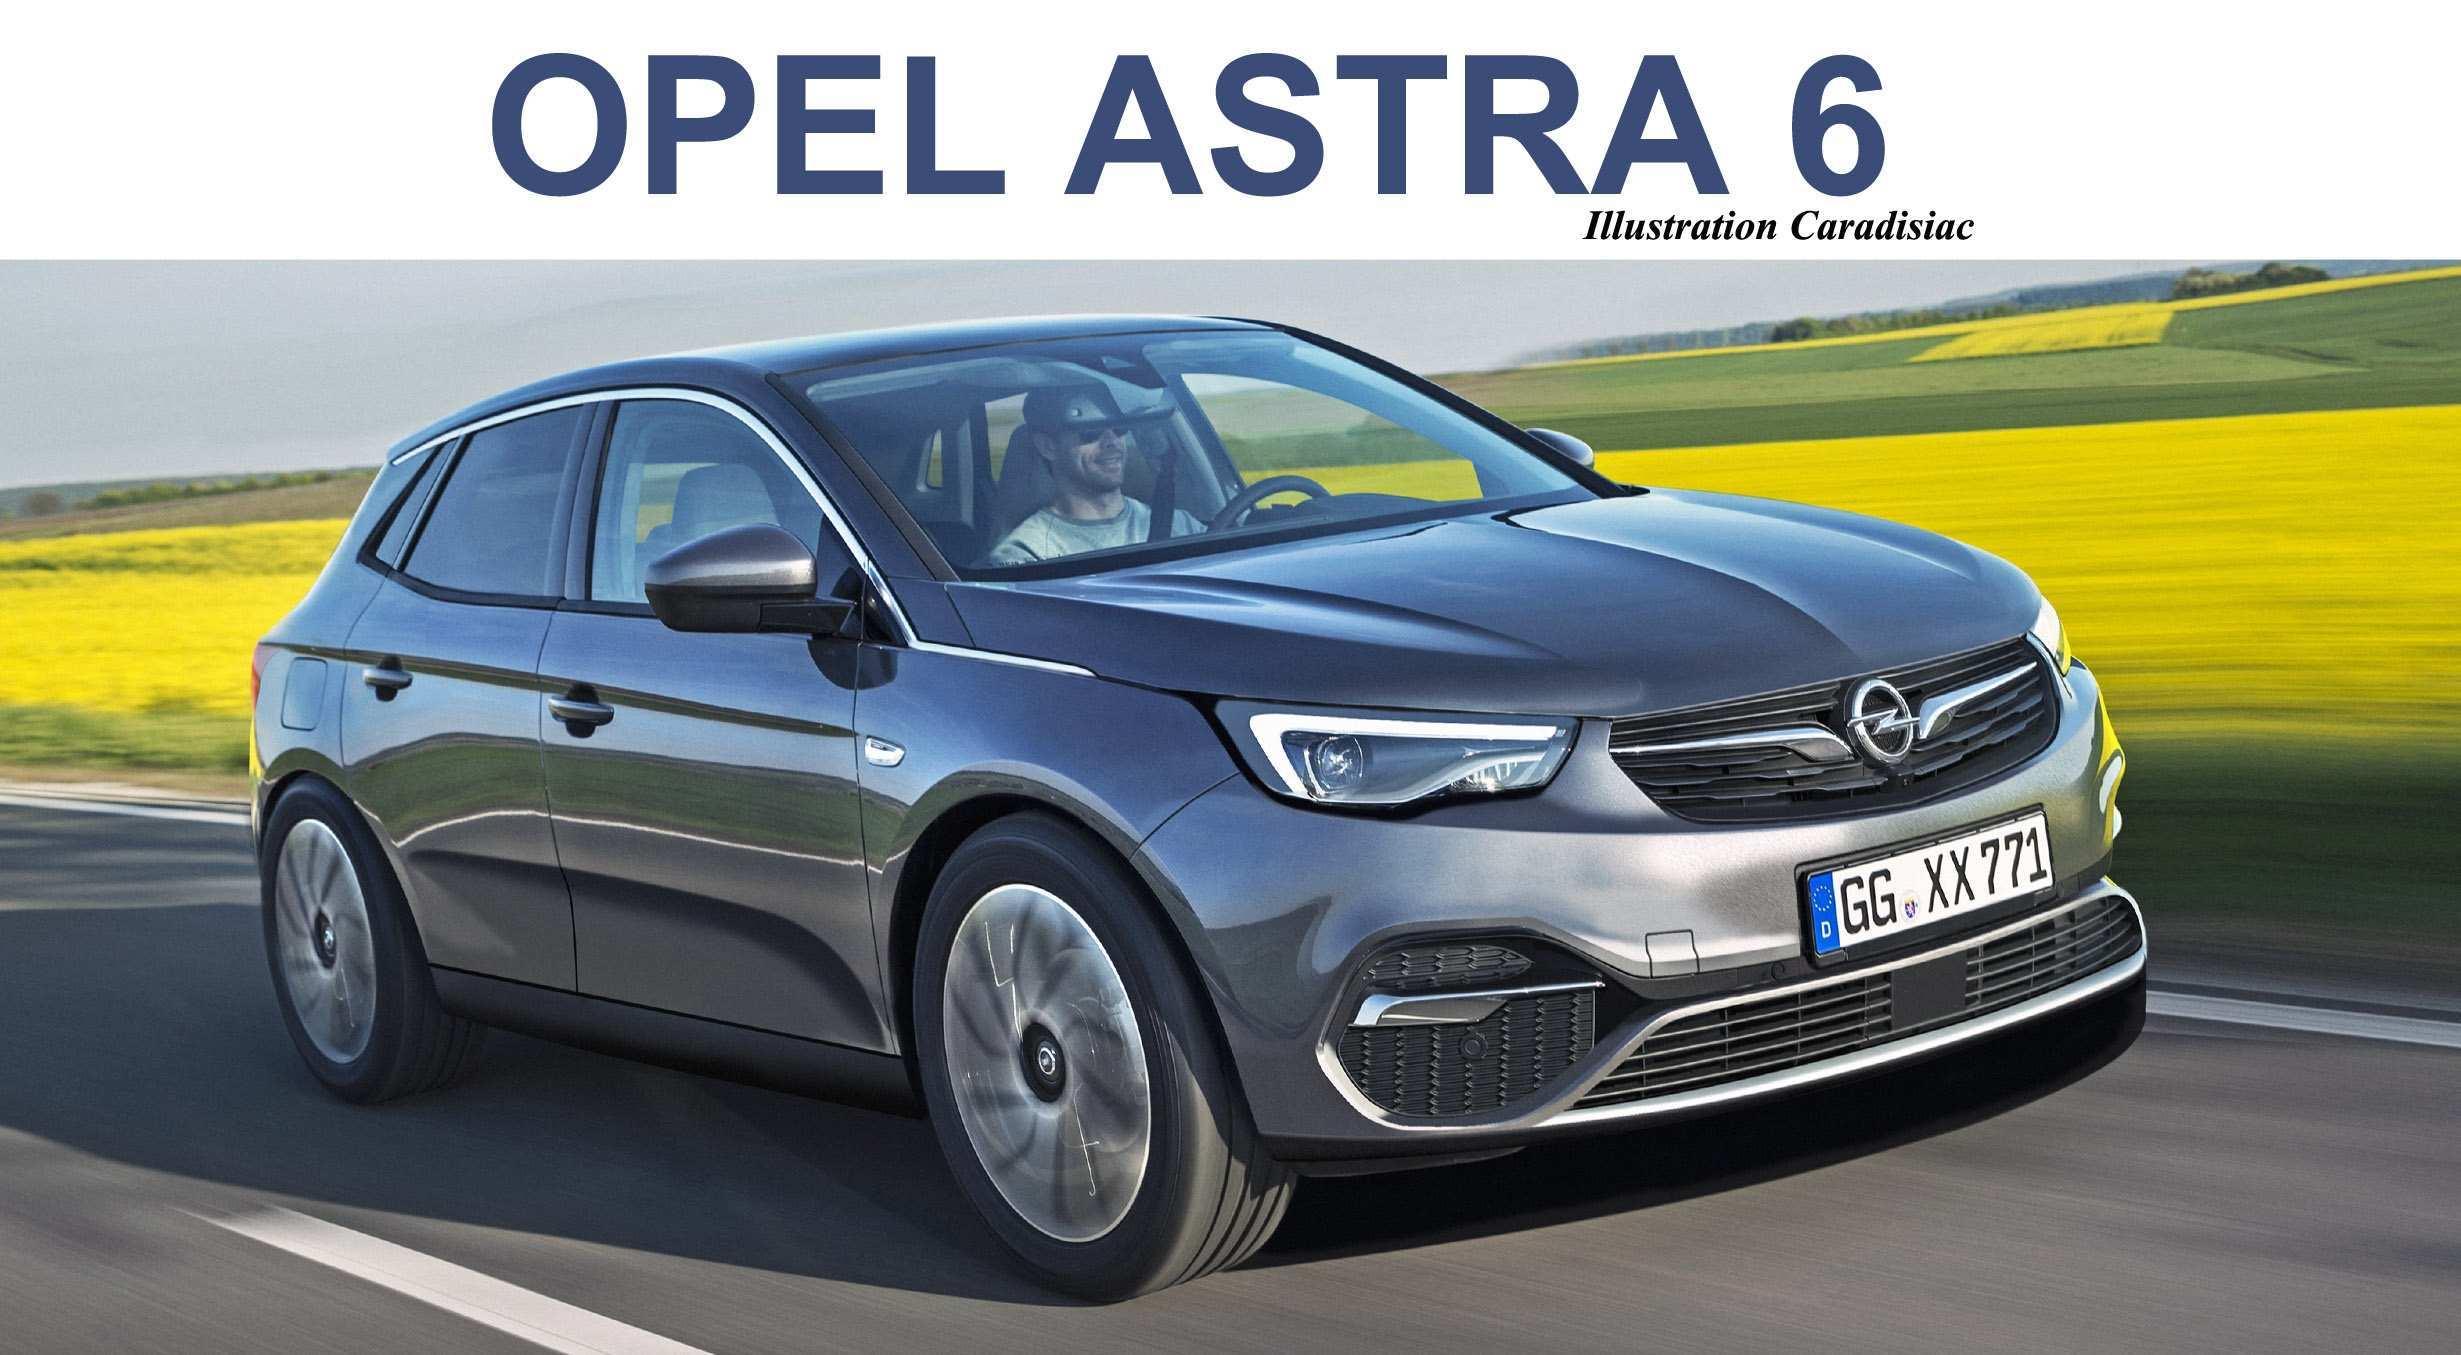 44 Great Opel Astra Sportstourer 2020 Specs for Opel Astra Sportstourer 2020